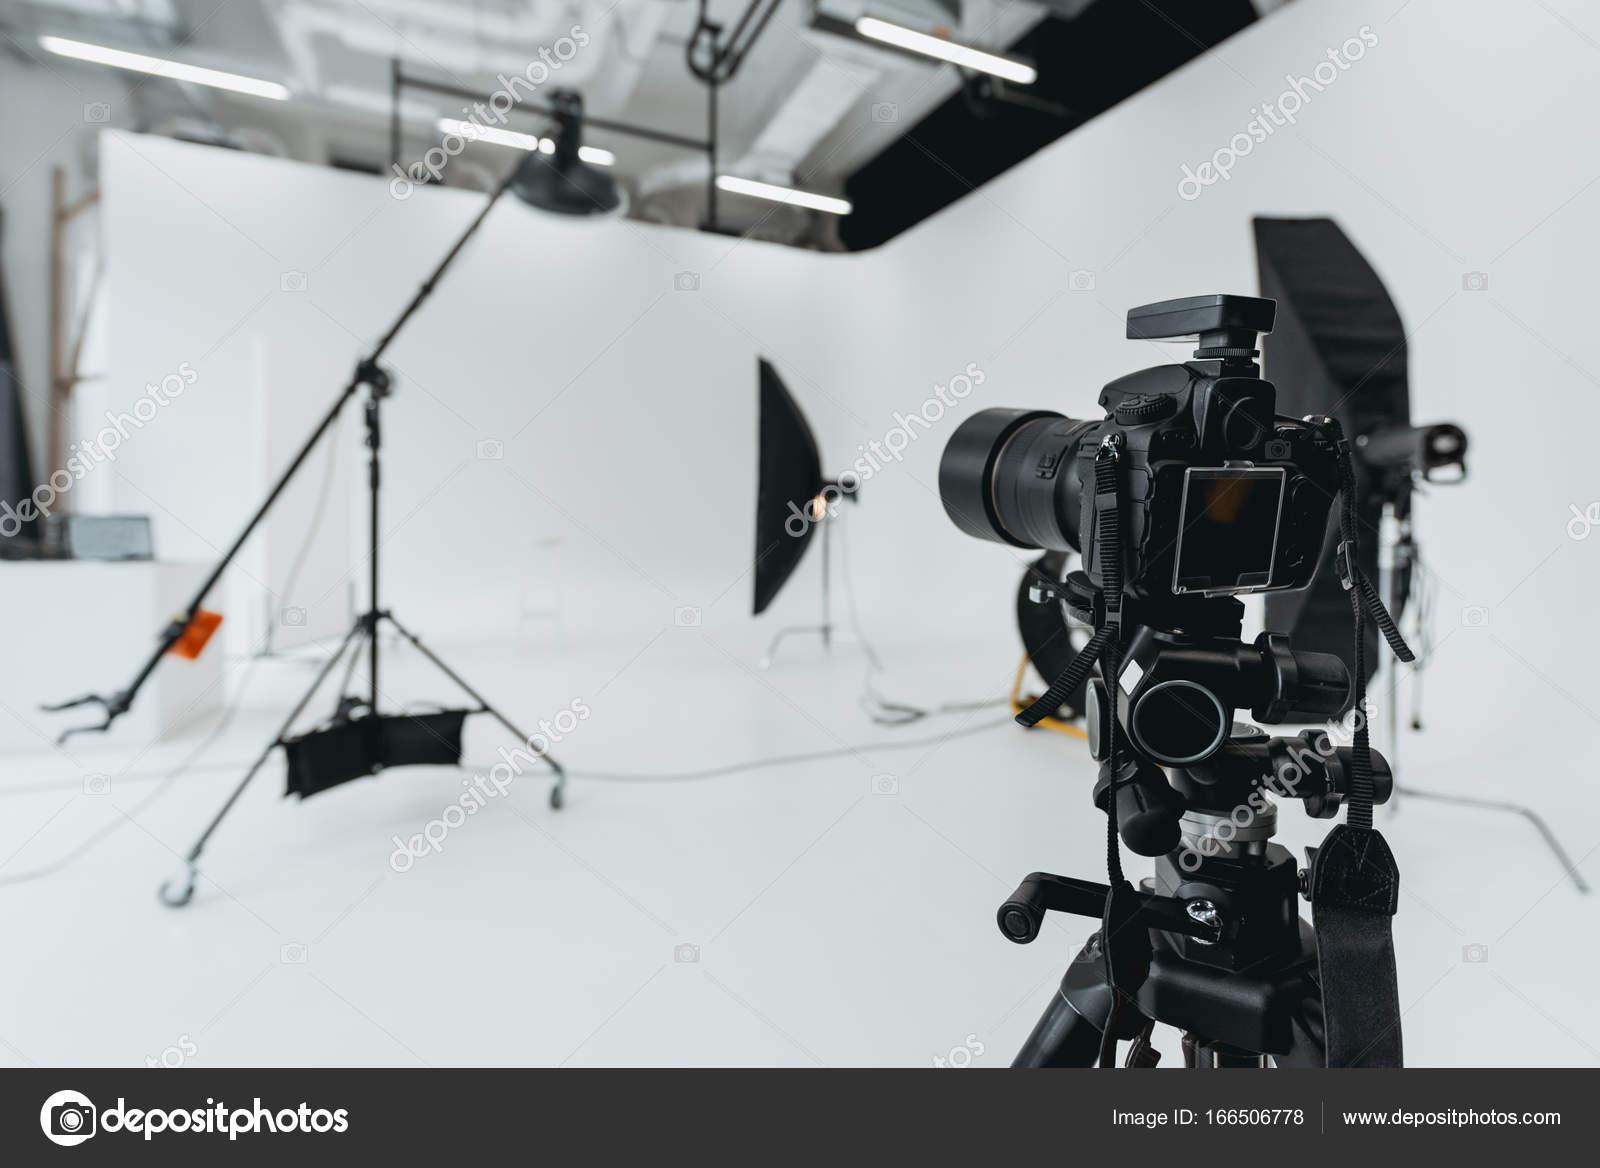 Superbe Appareil Photo Numérique En Studio Photo Avec Matériel Du0027éclairage Et  Softbox U2014 Image De AllaSerebrina